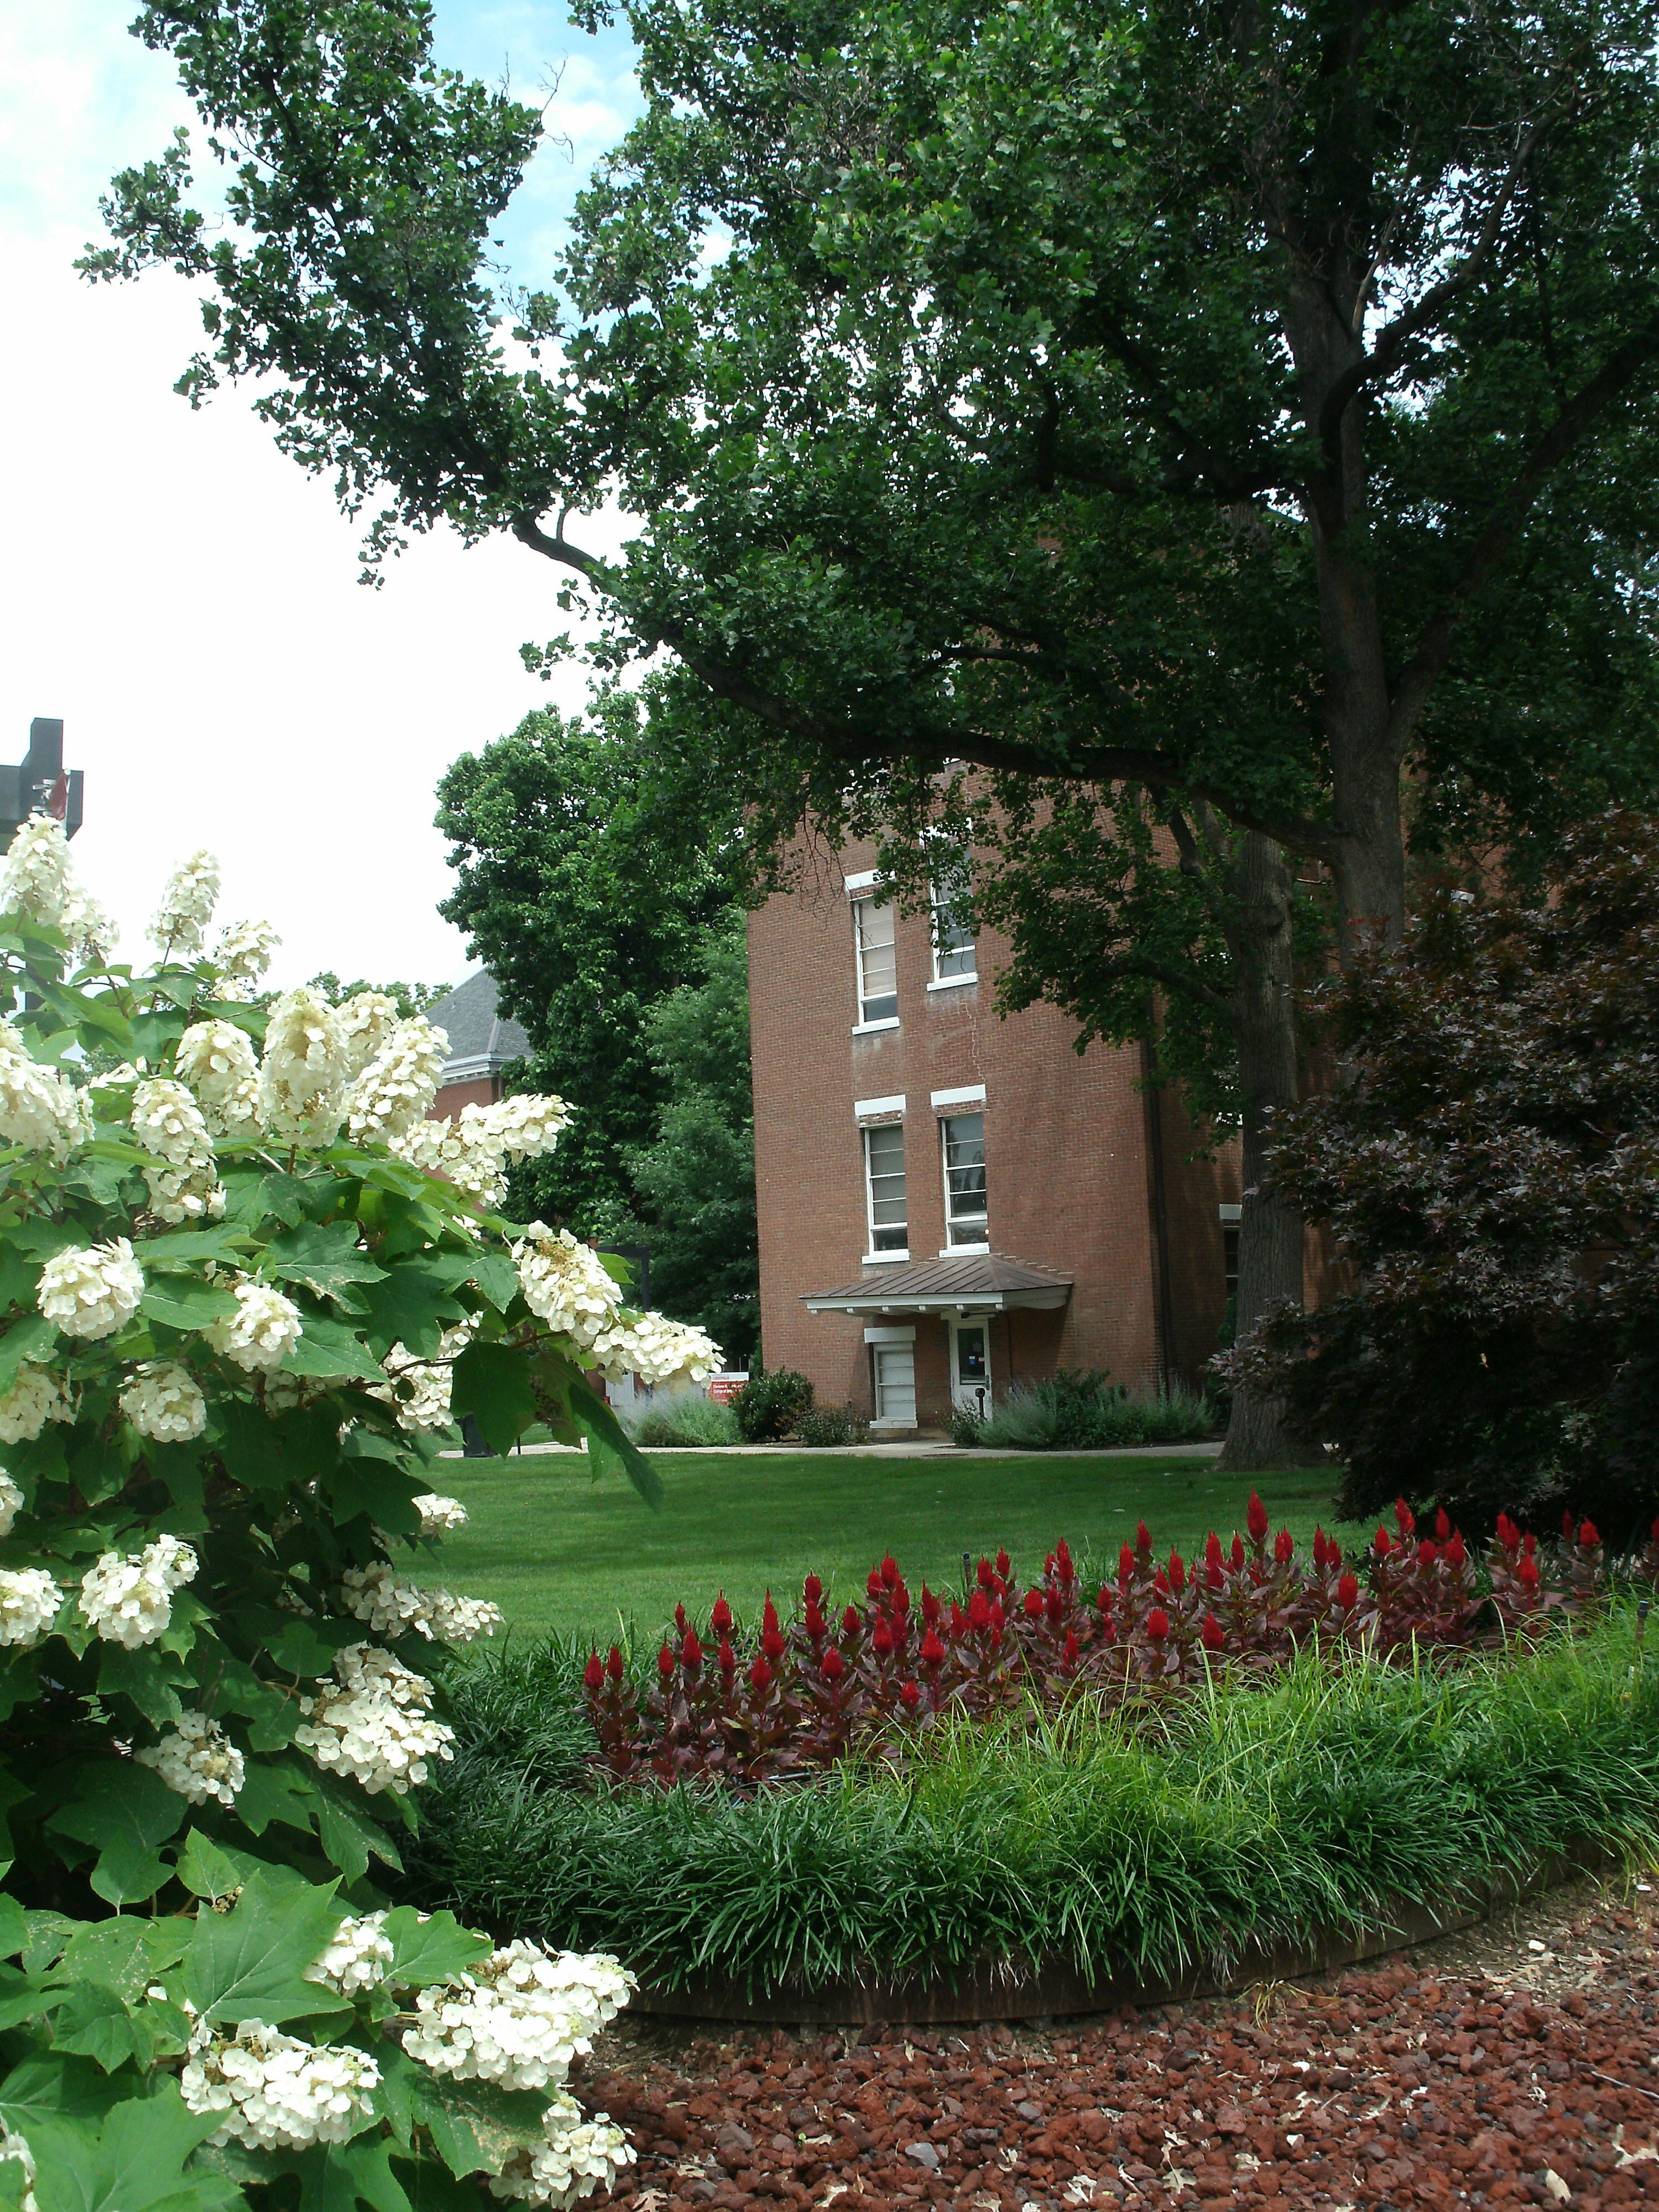 Gardiner Hall back door with flowers